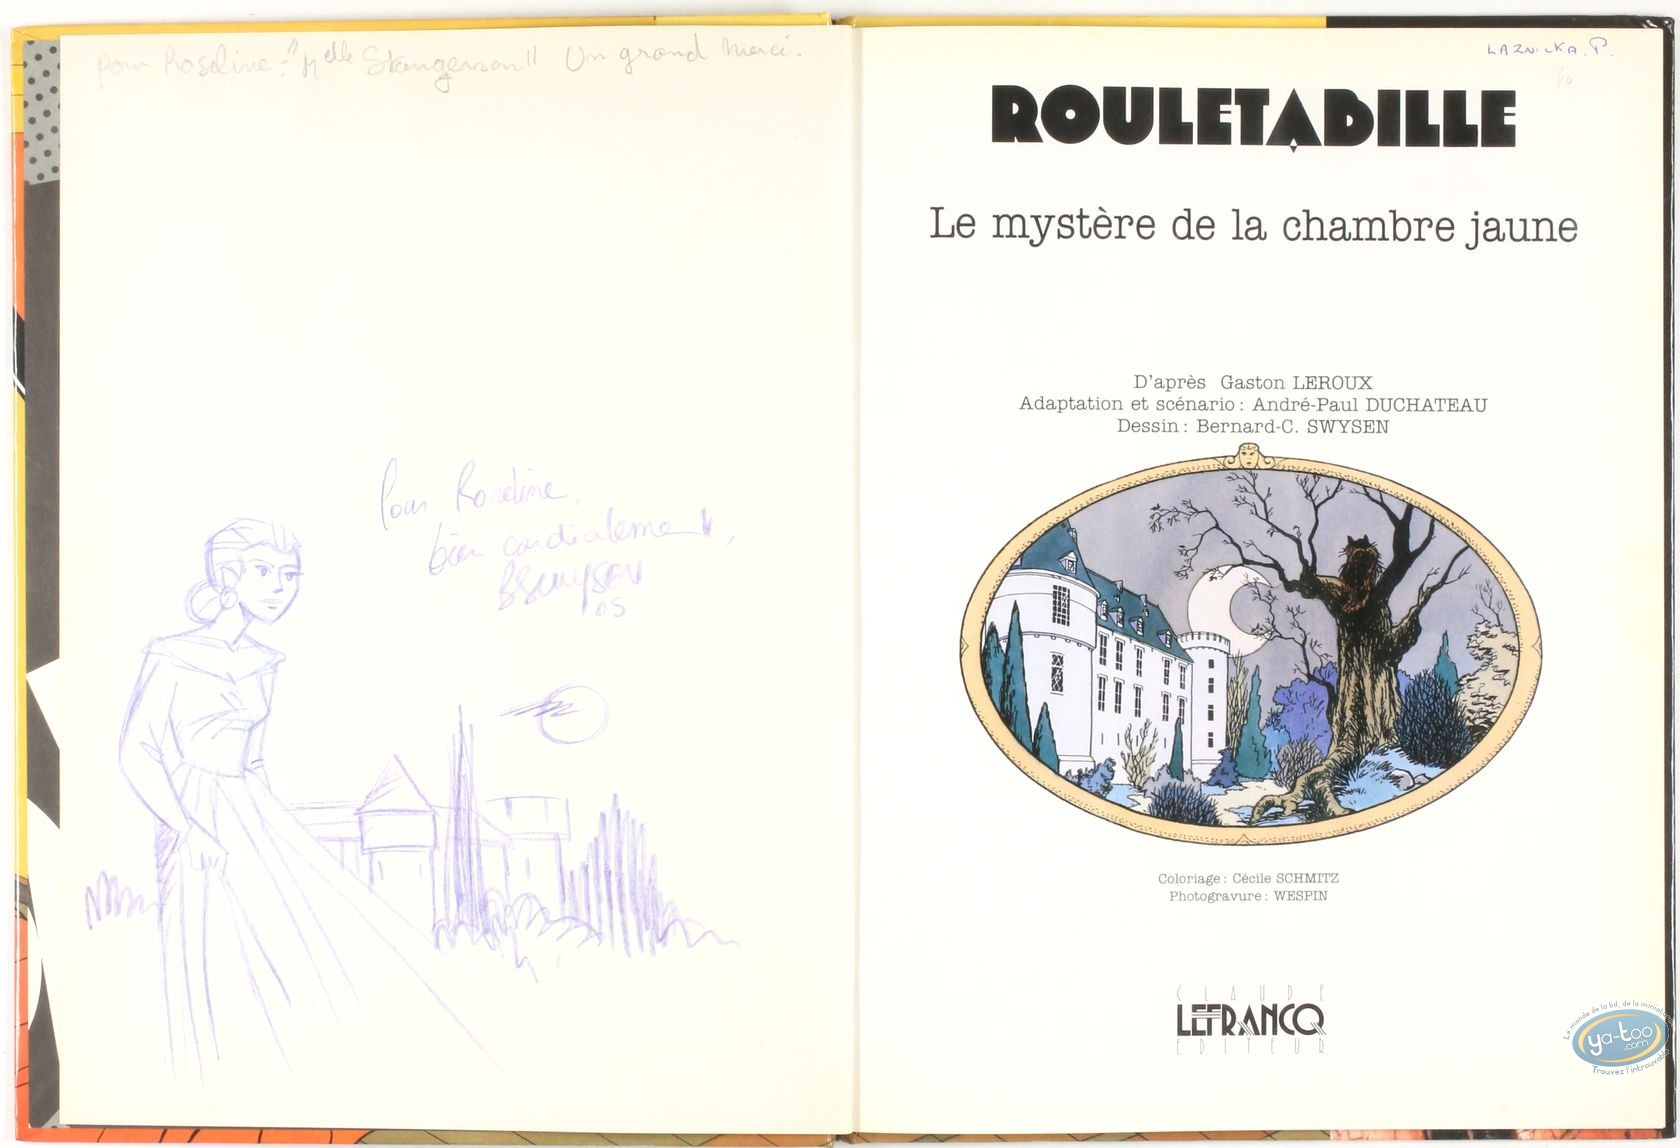 Deco Chambre Maryline Monroe listed european comic books, joseph rouletabille : le mystère de la chambre  jaune + autograph